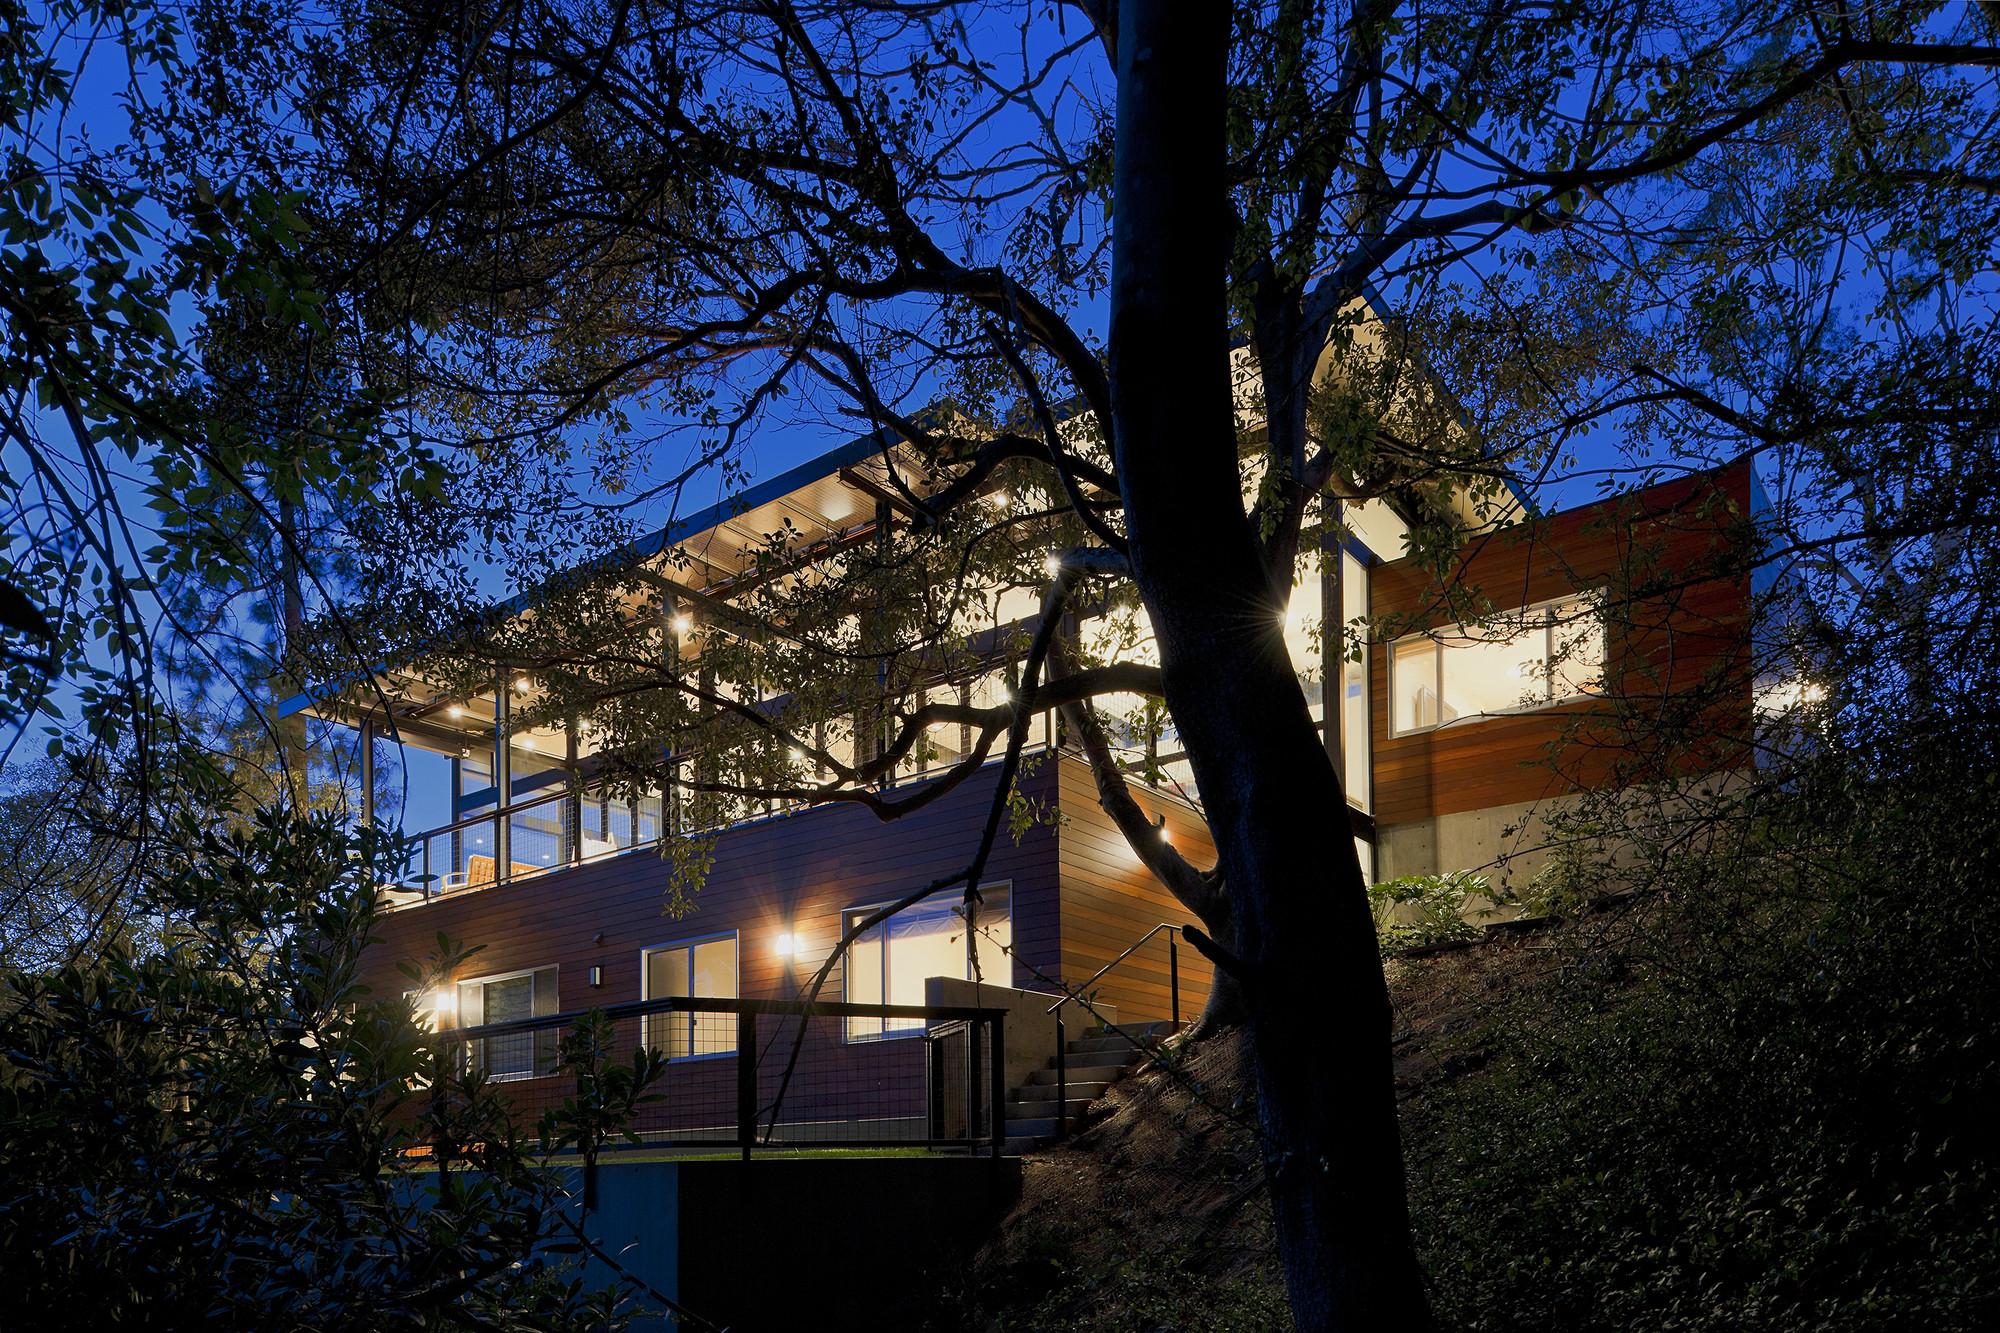 Broom Way Residence / Nonzero\Architecture, © Juergen Nogai